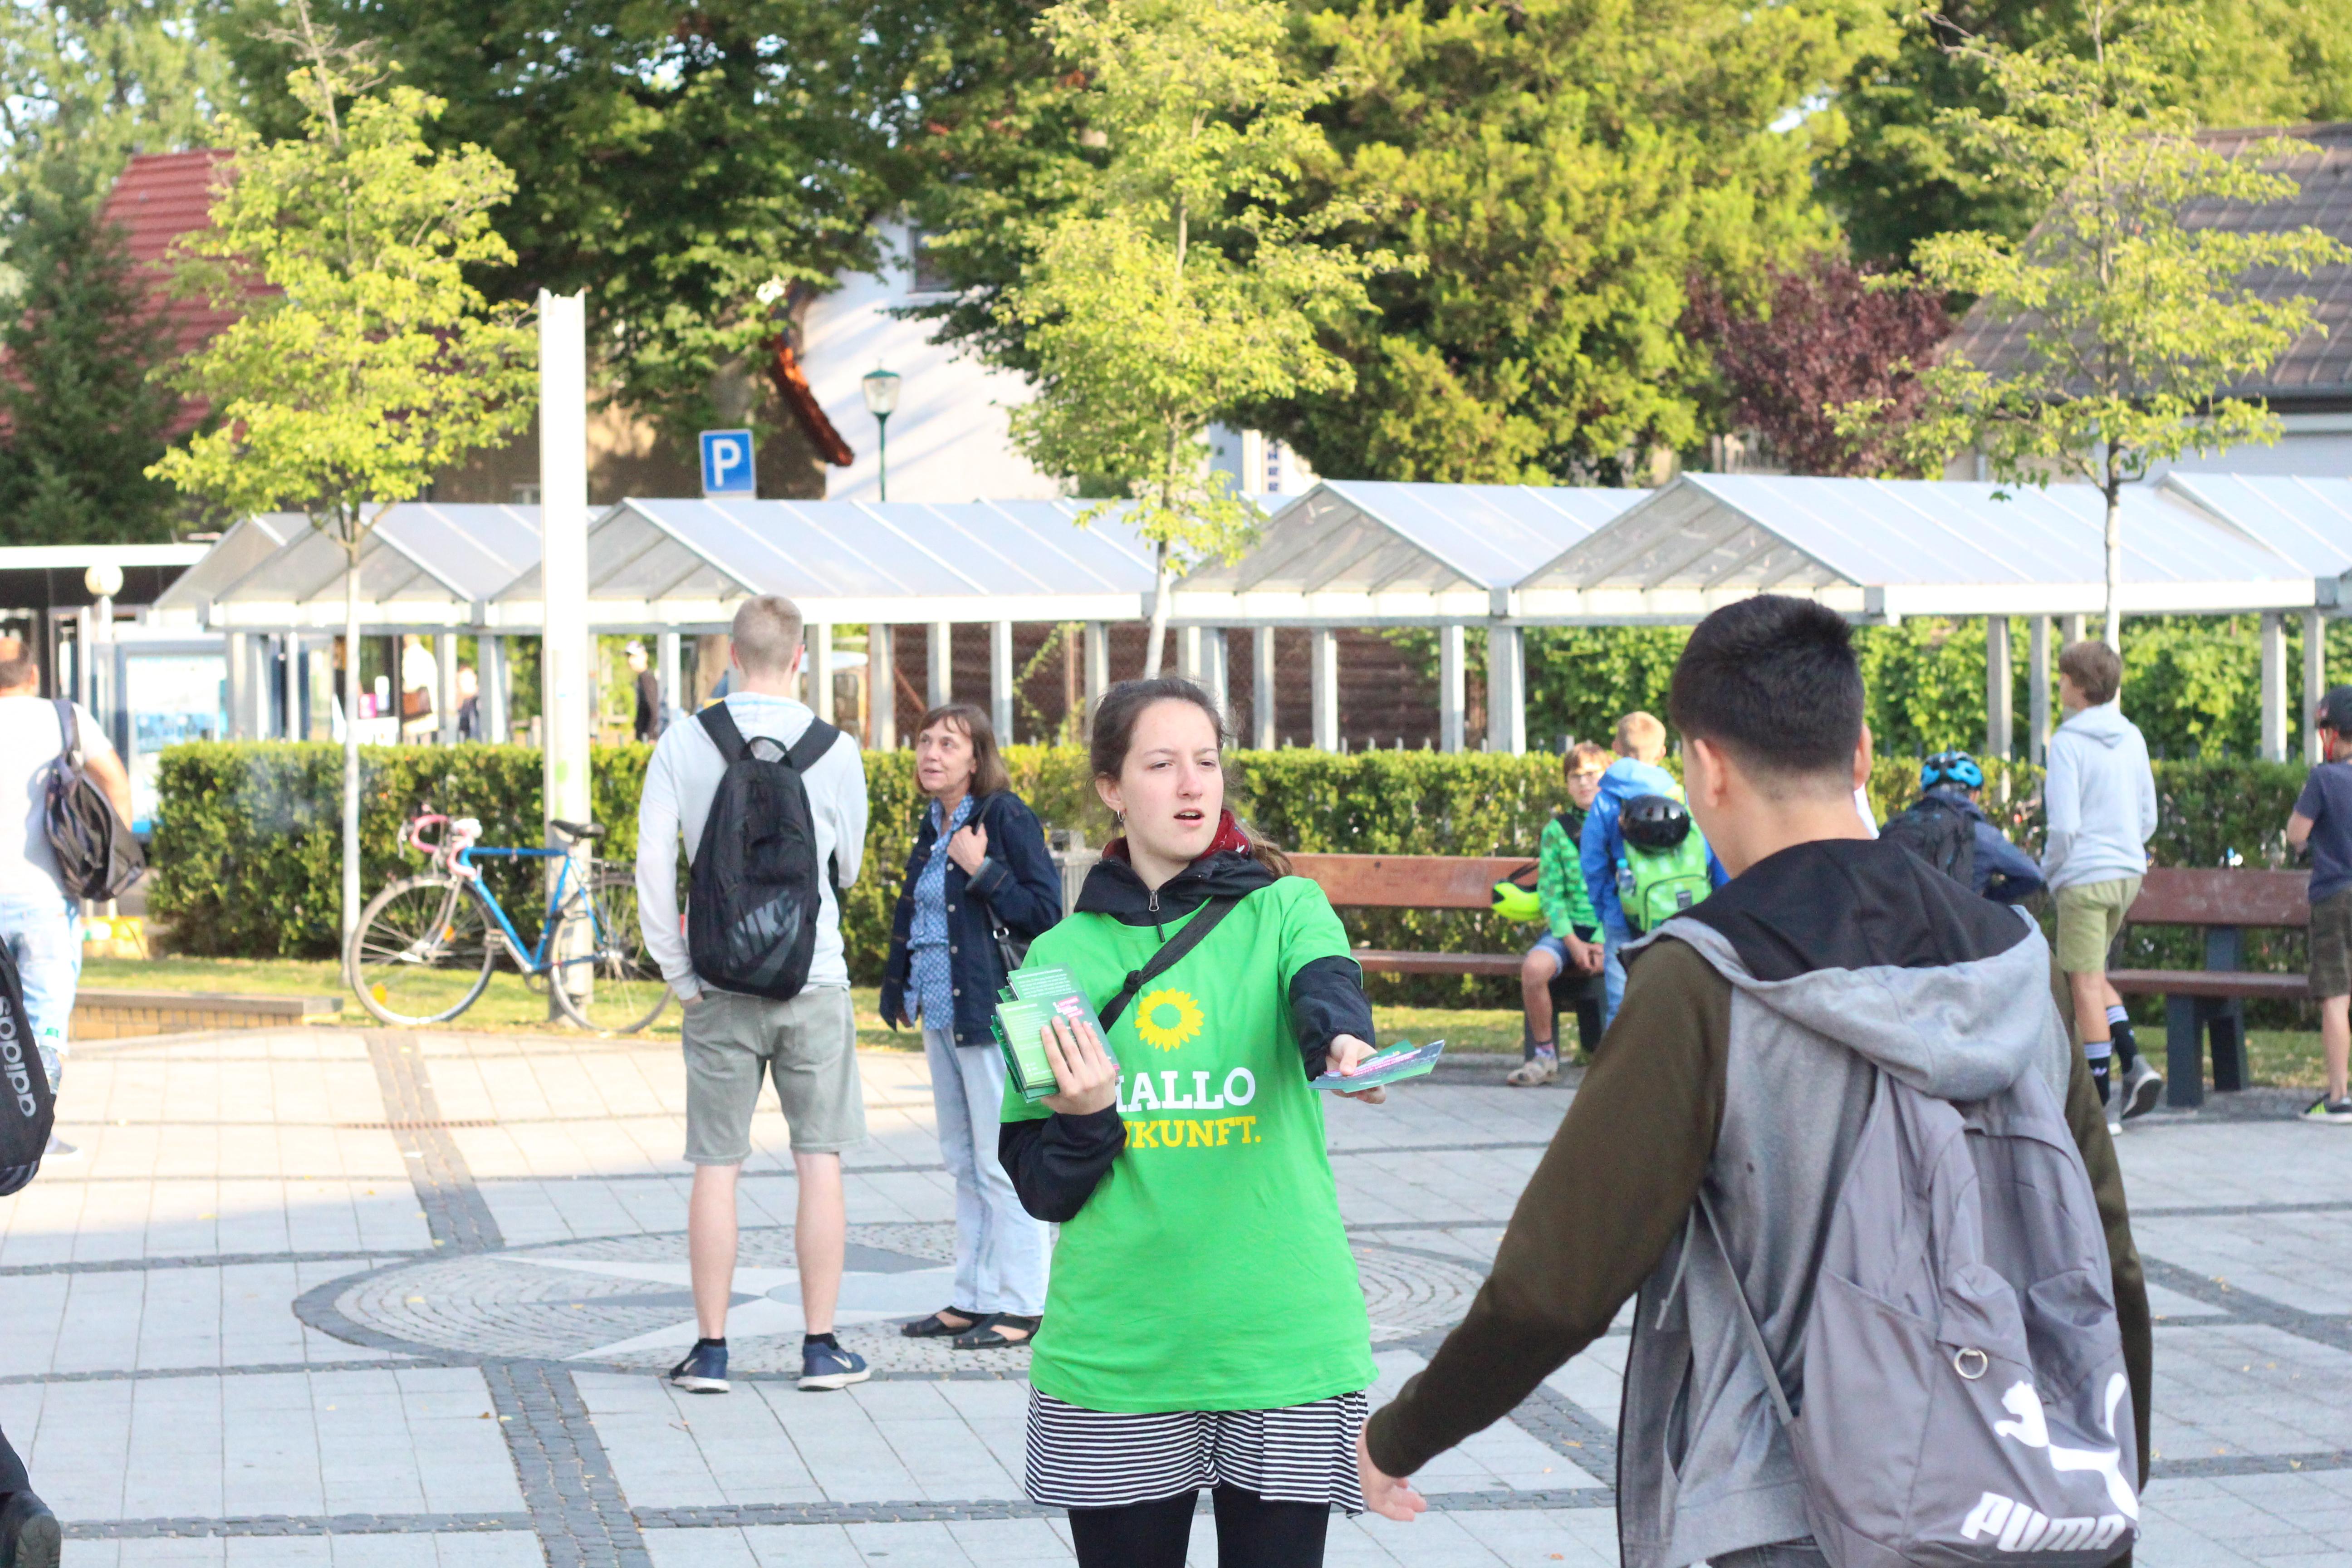 Eine Person mit einem T-Shirt der Grünen verteilt Informationen